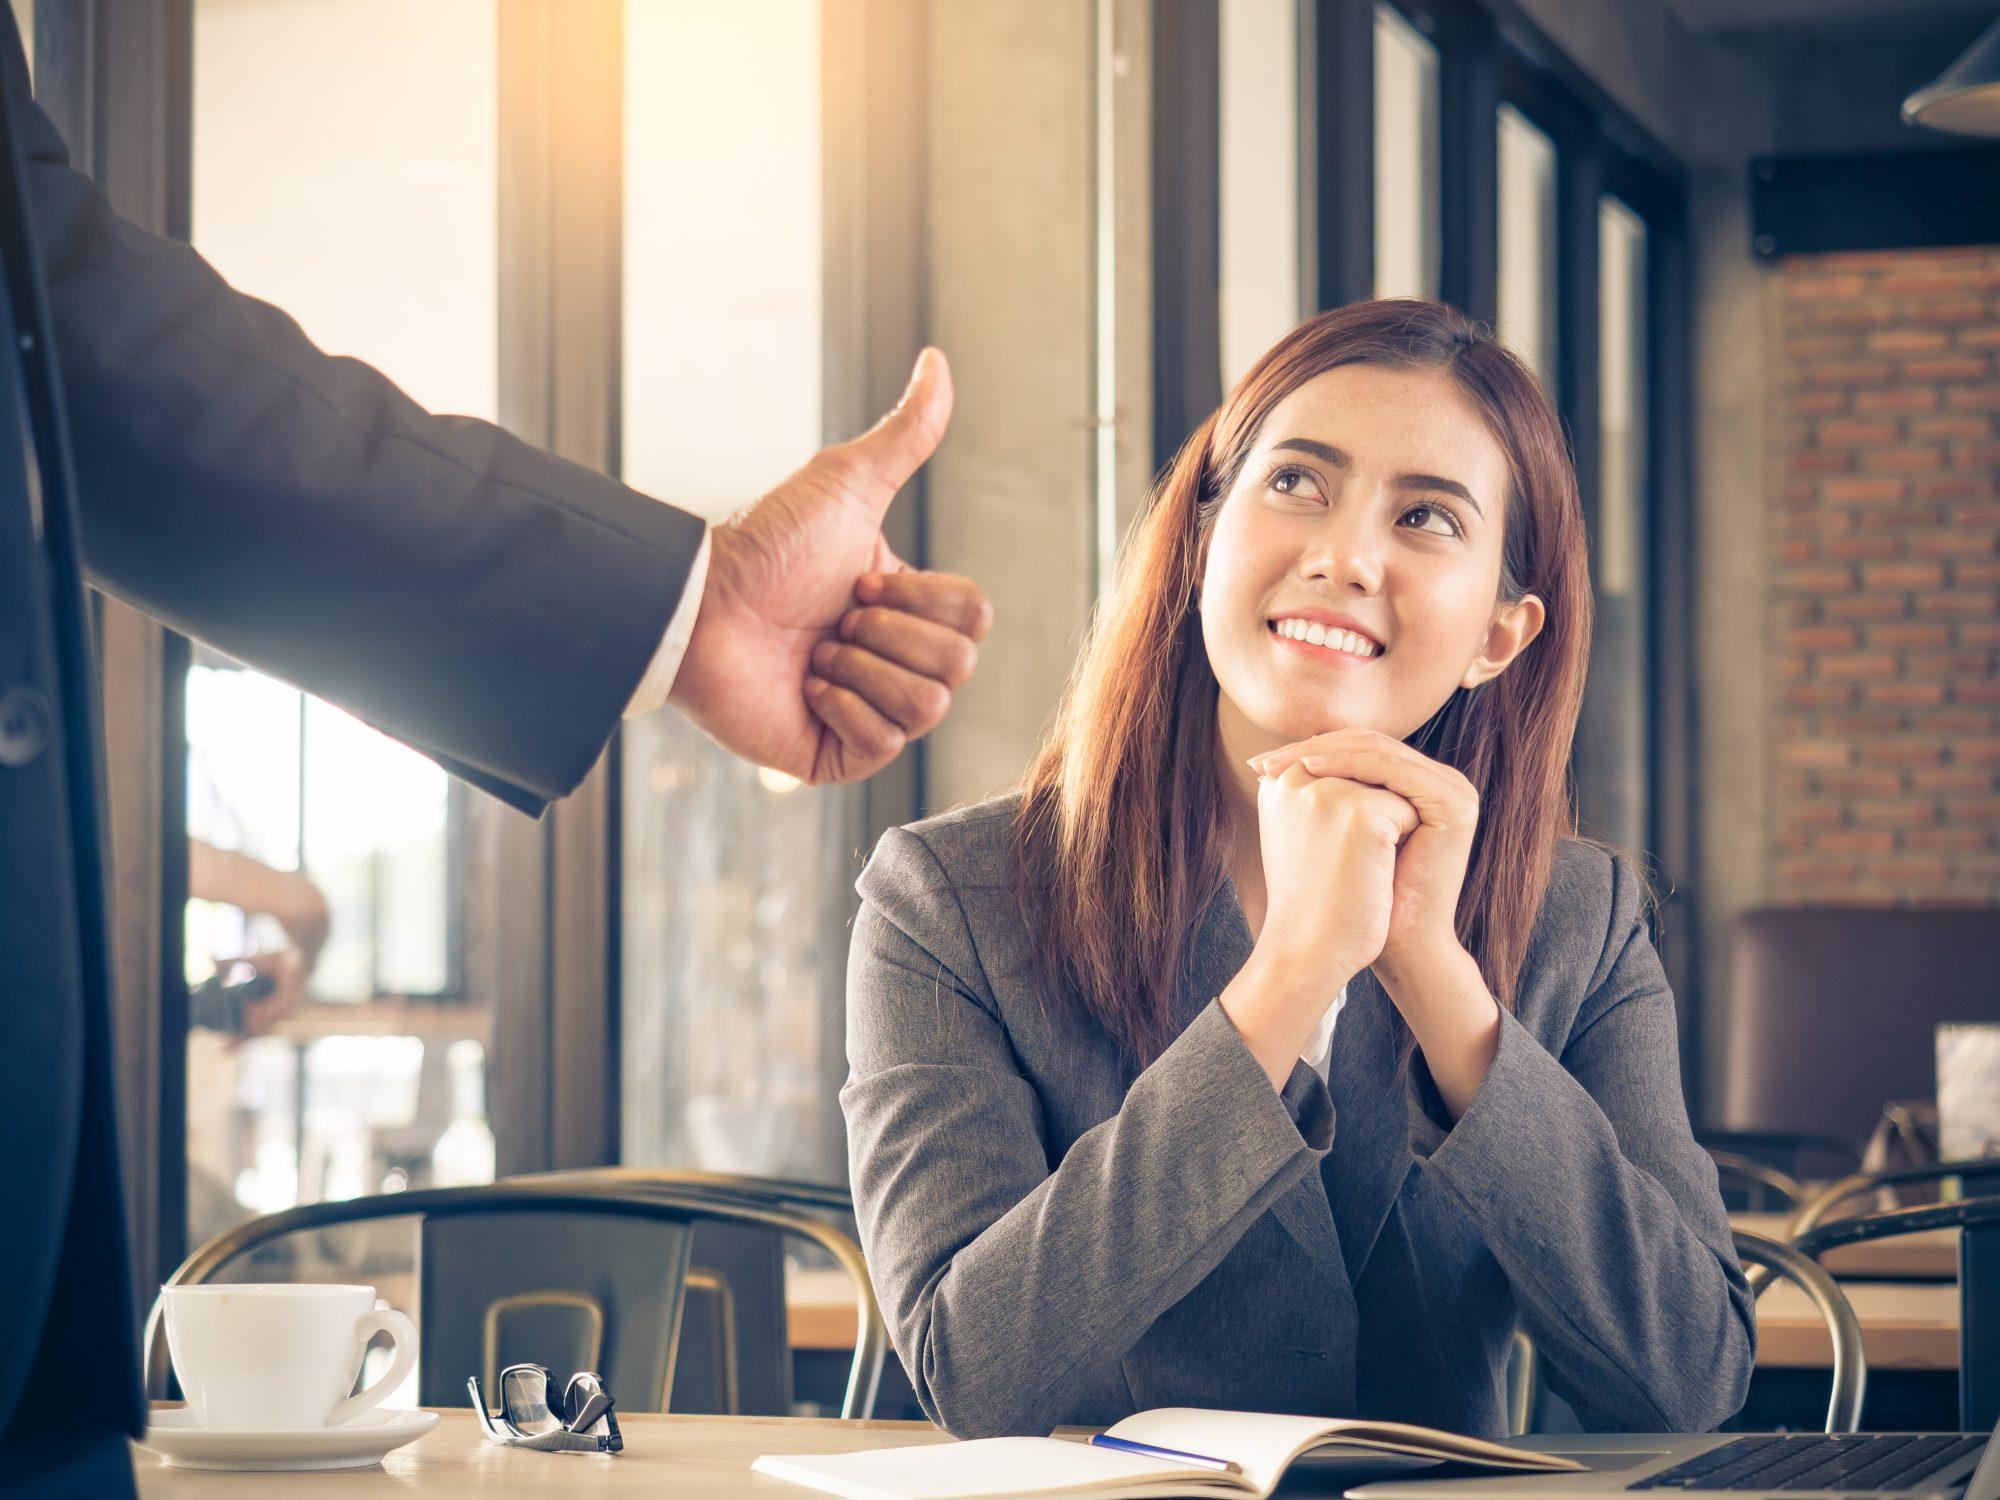 Portfolioanalyse Mitarbeiterin wird von Vorgesetzten mit Daumen hoch gelobt